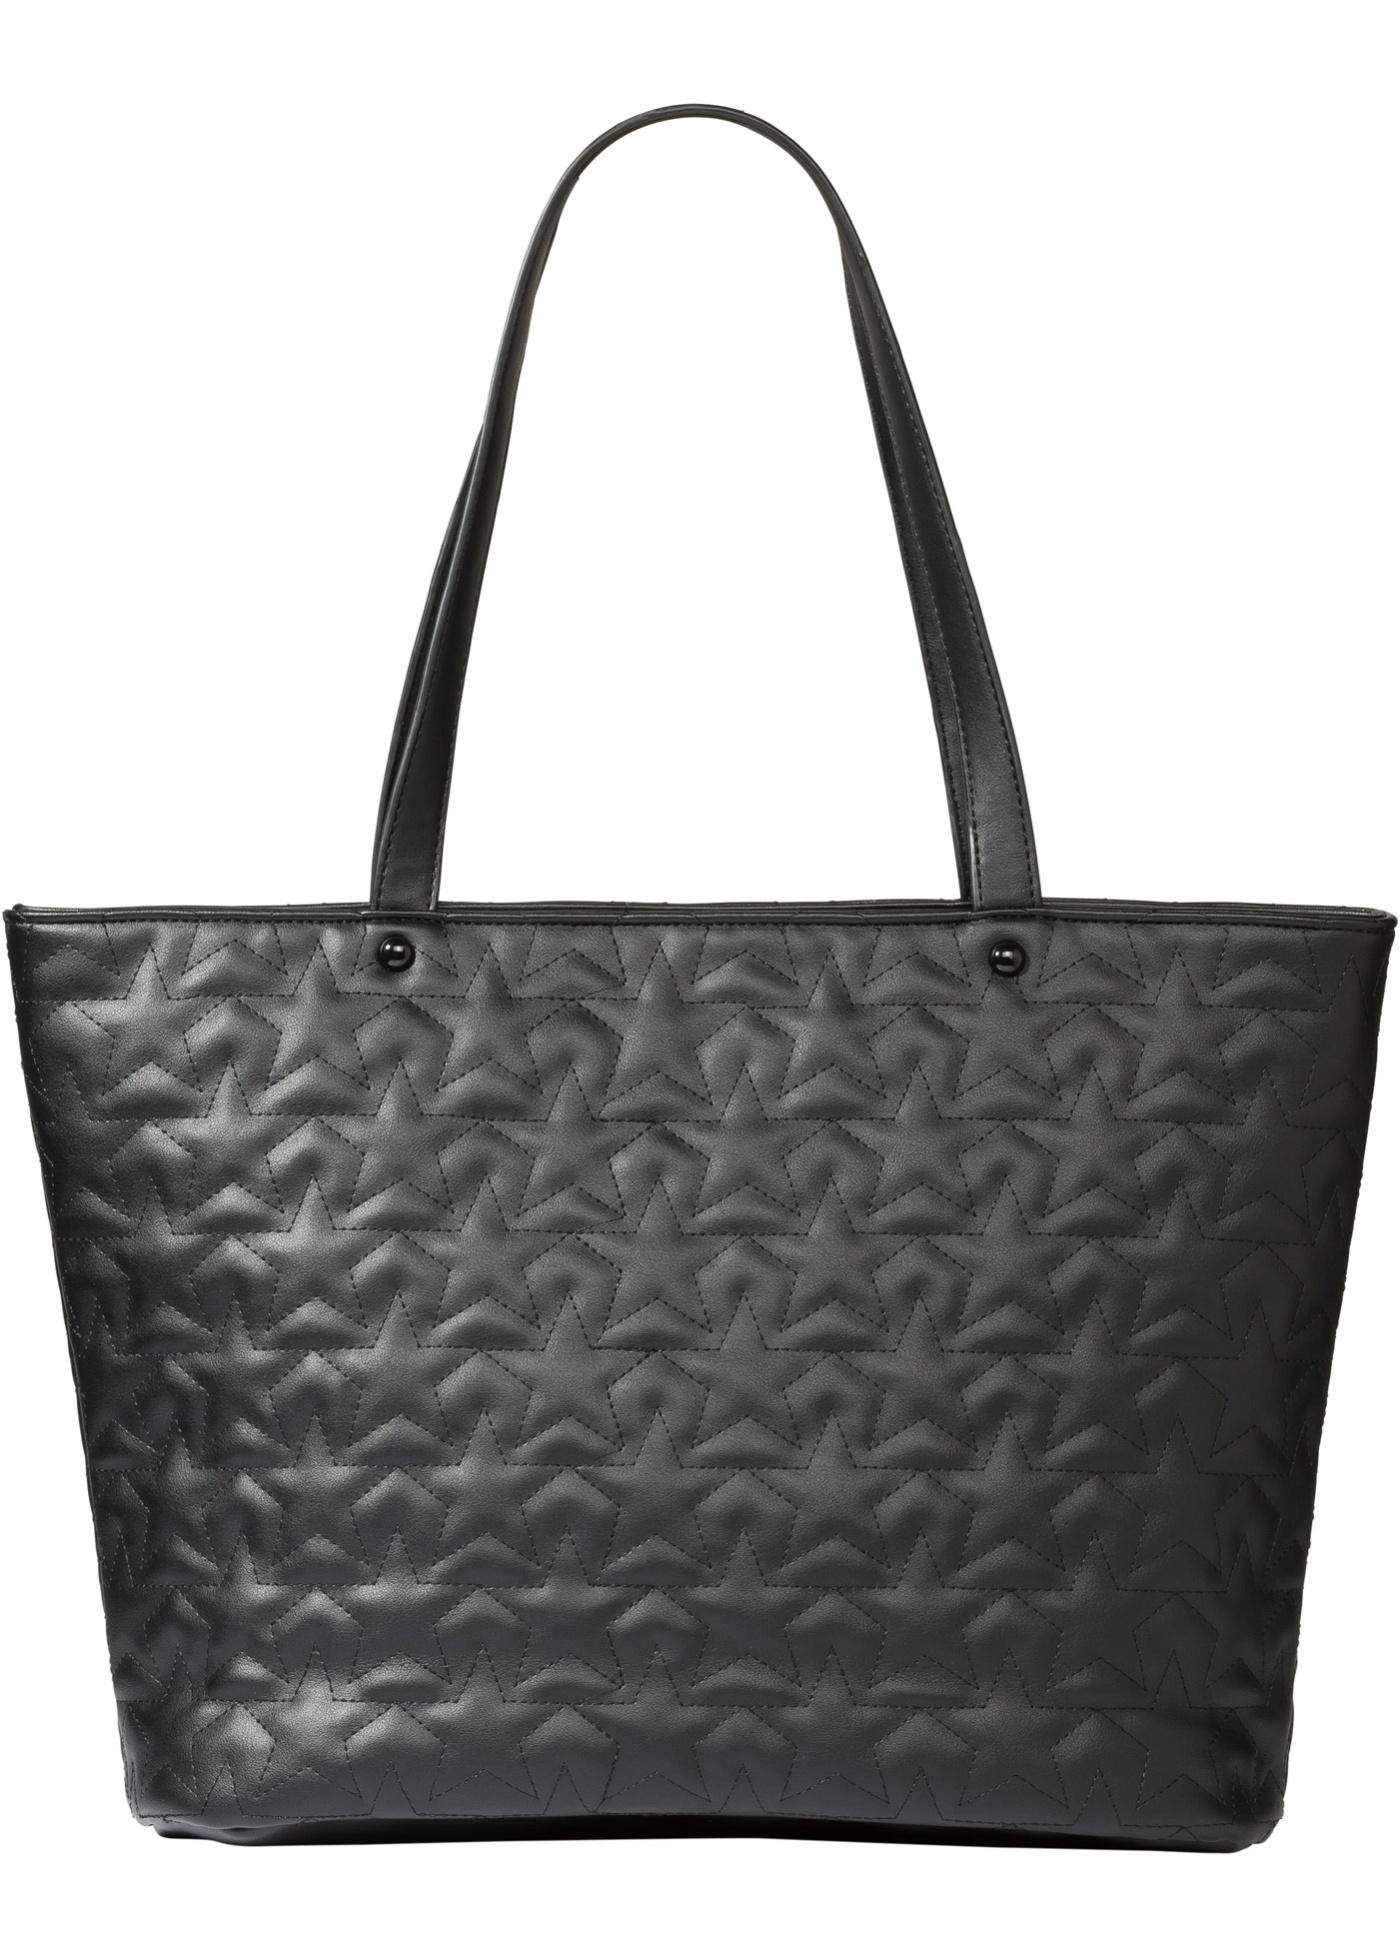 Velká kabelka s prošíváním ve tvaru hvězd - Černá db467088c24